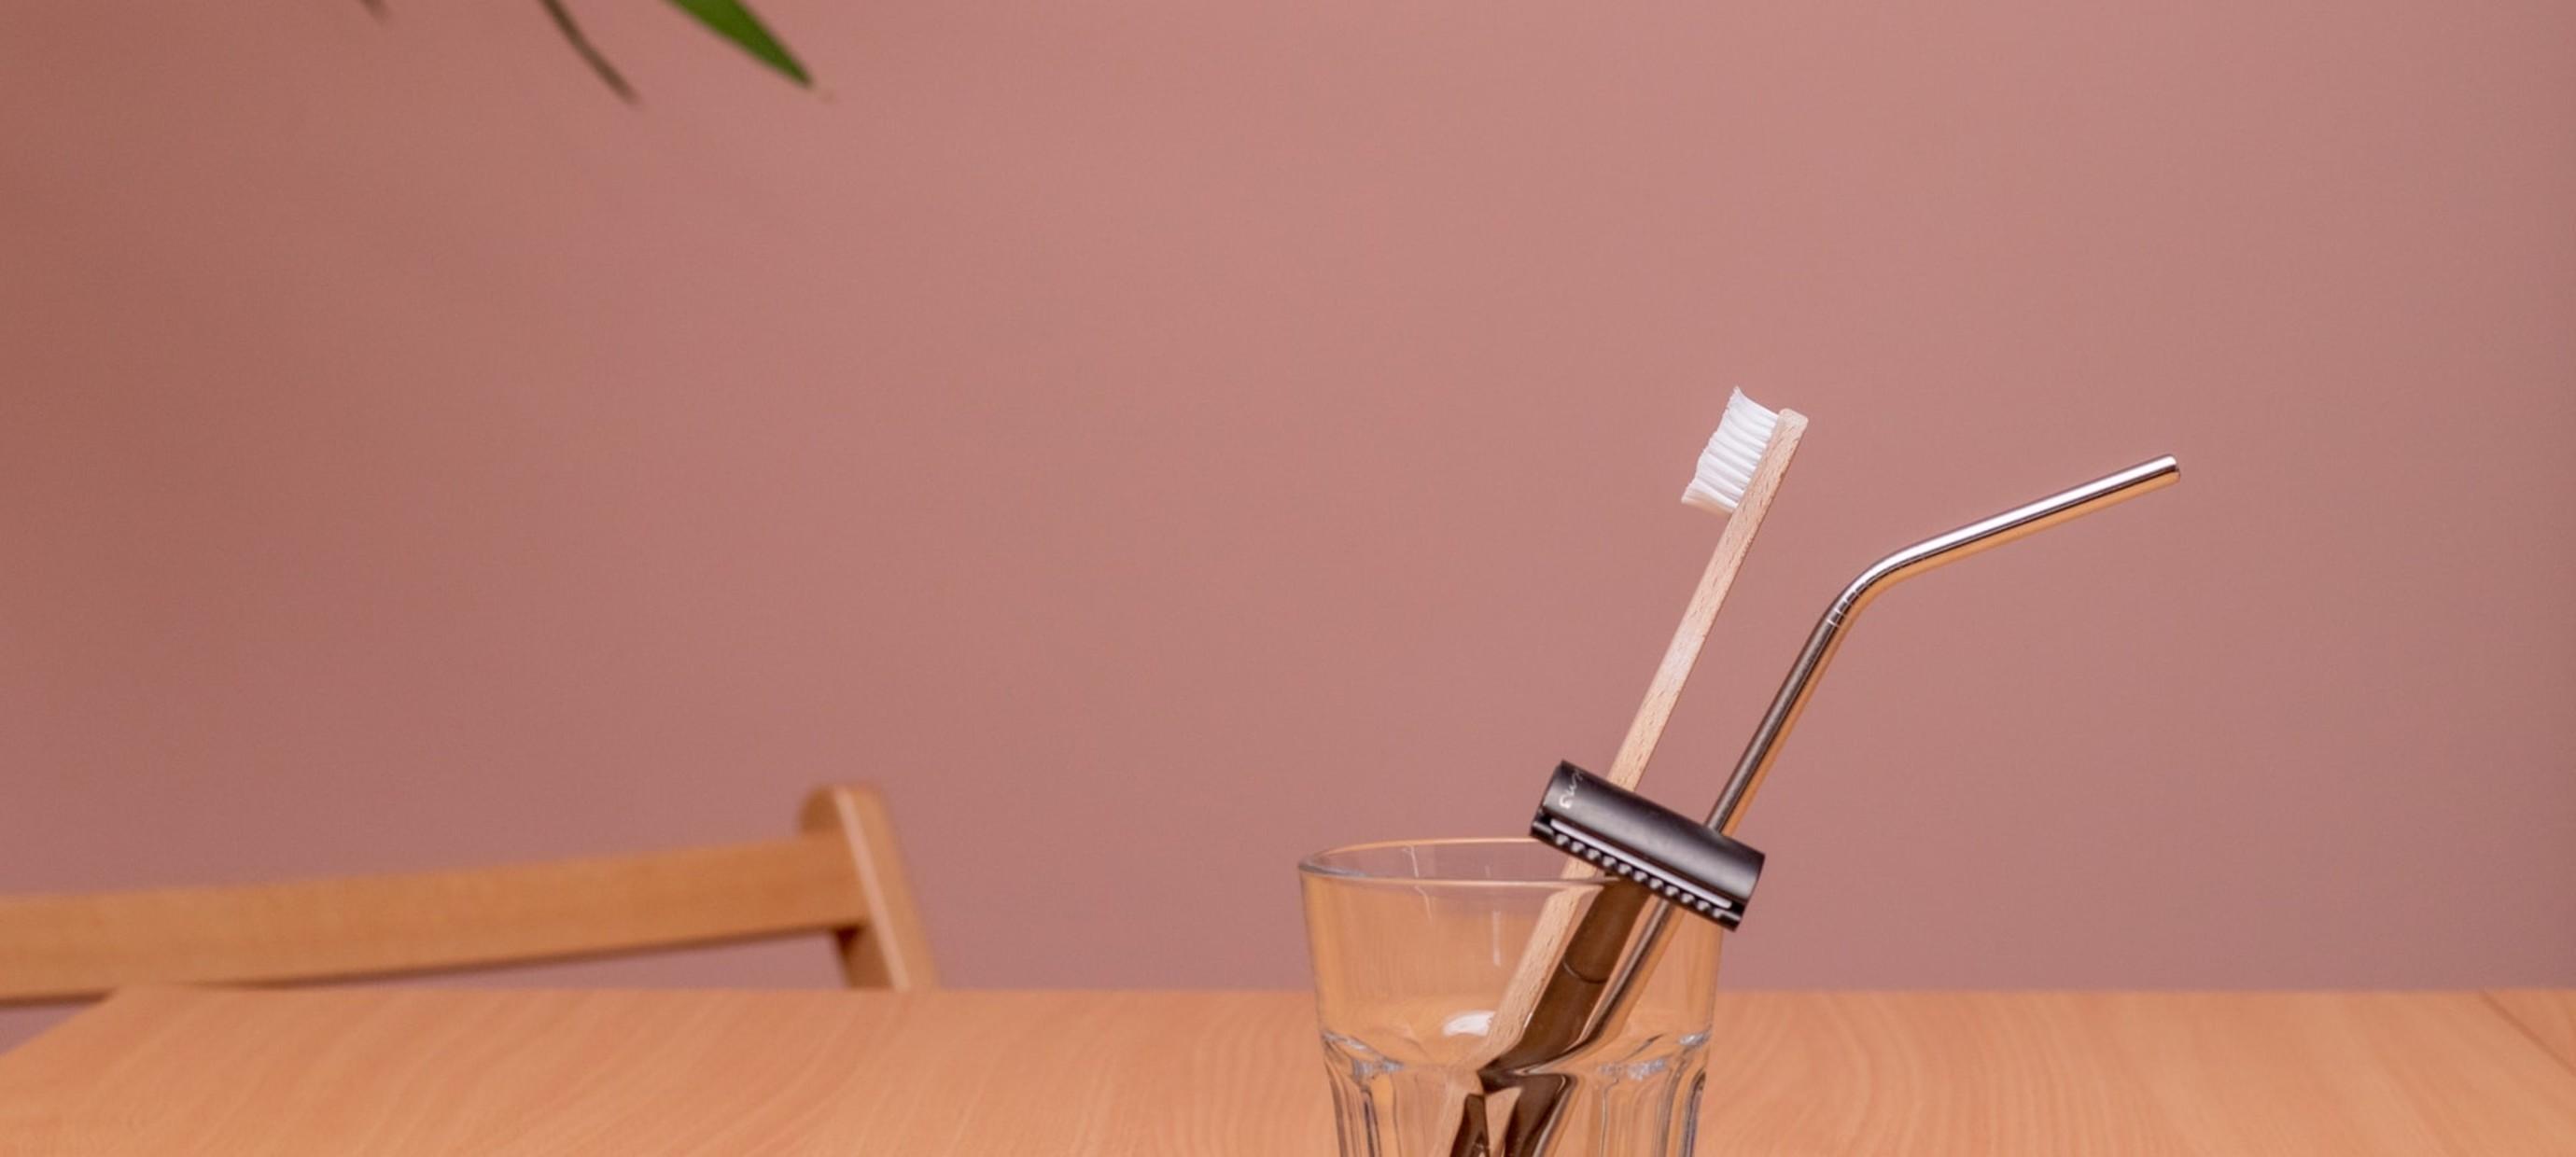 Safety razor: Zo gebruik je een veiligheidsscheermes